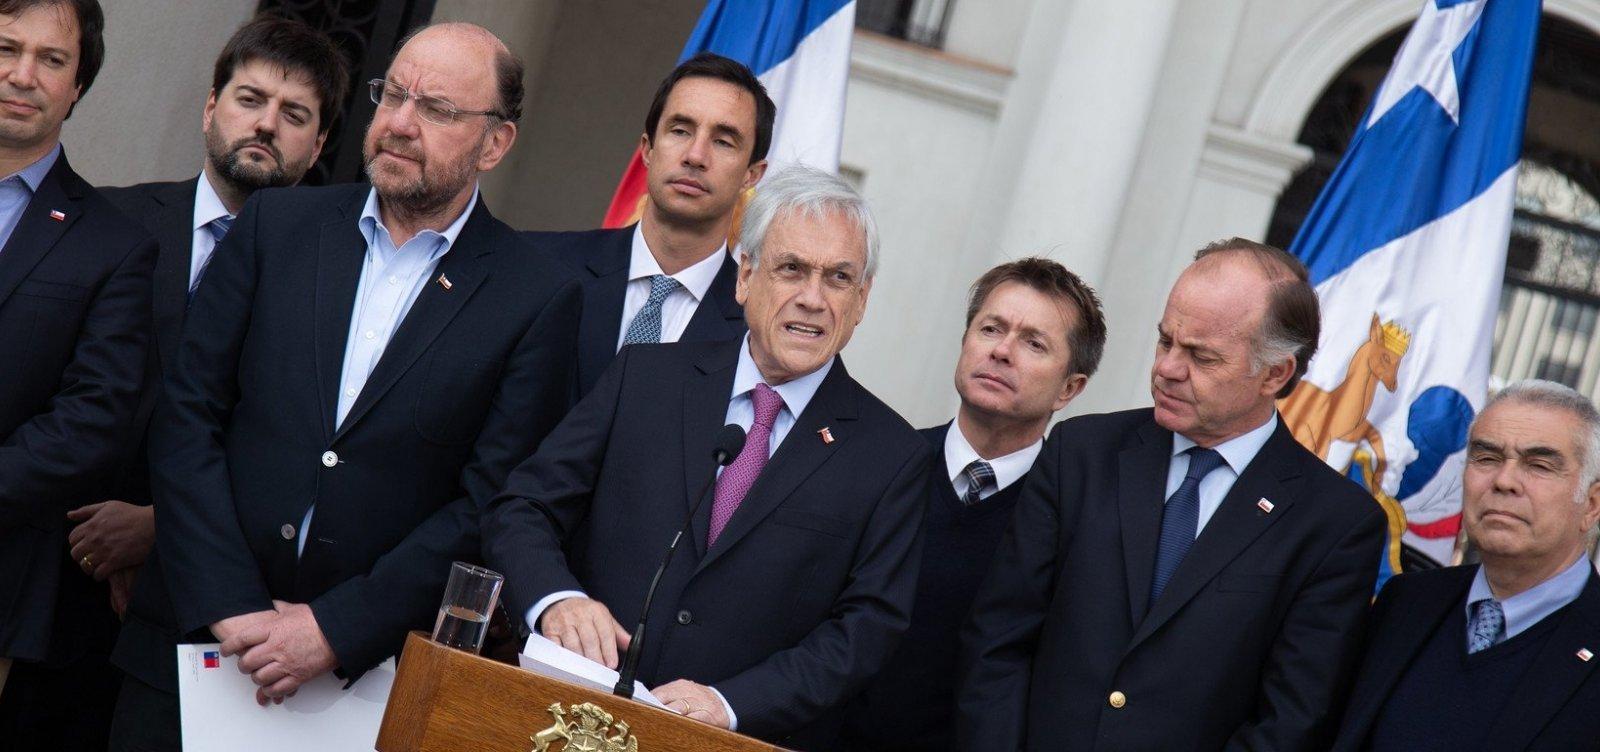 Piñera cancela cúpulas econômica e climática após protestos no Chile